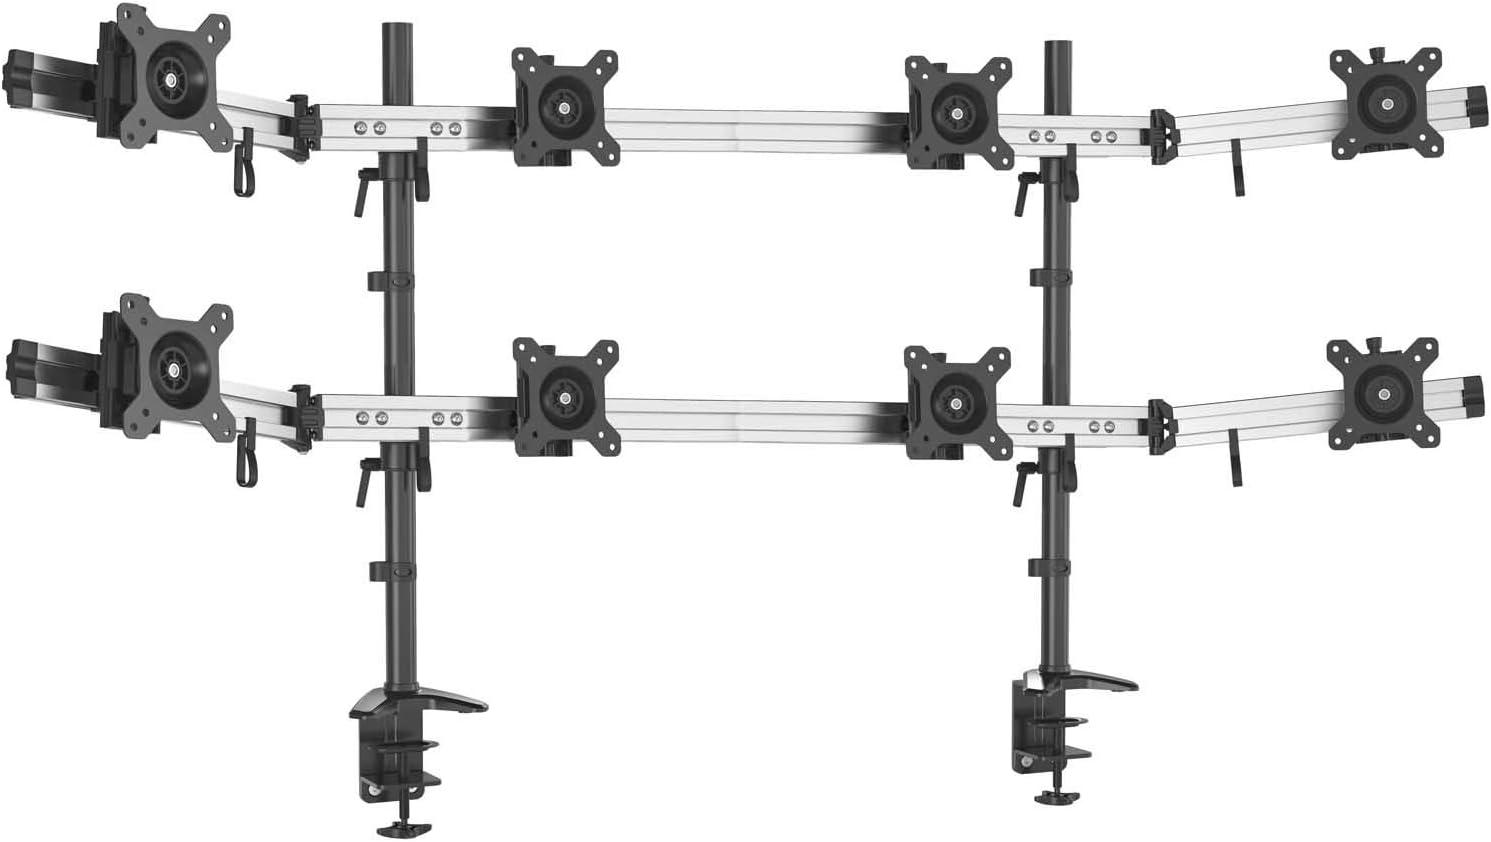 Hftek 8 Fach Monitorarm Tischhalterung Stand Halterung Halter Für 8 Bildschirme Von 15 27 Zoll Auf